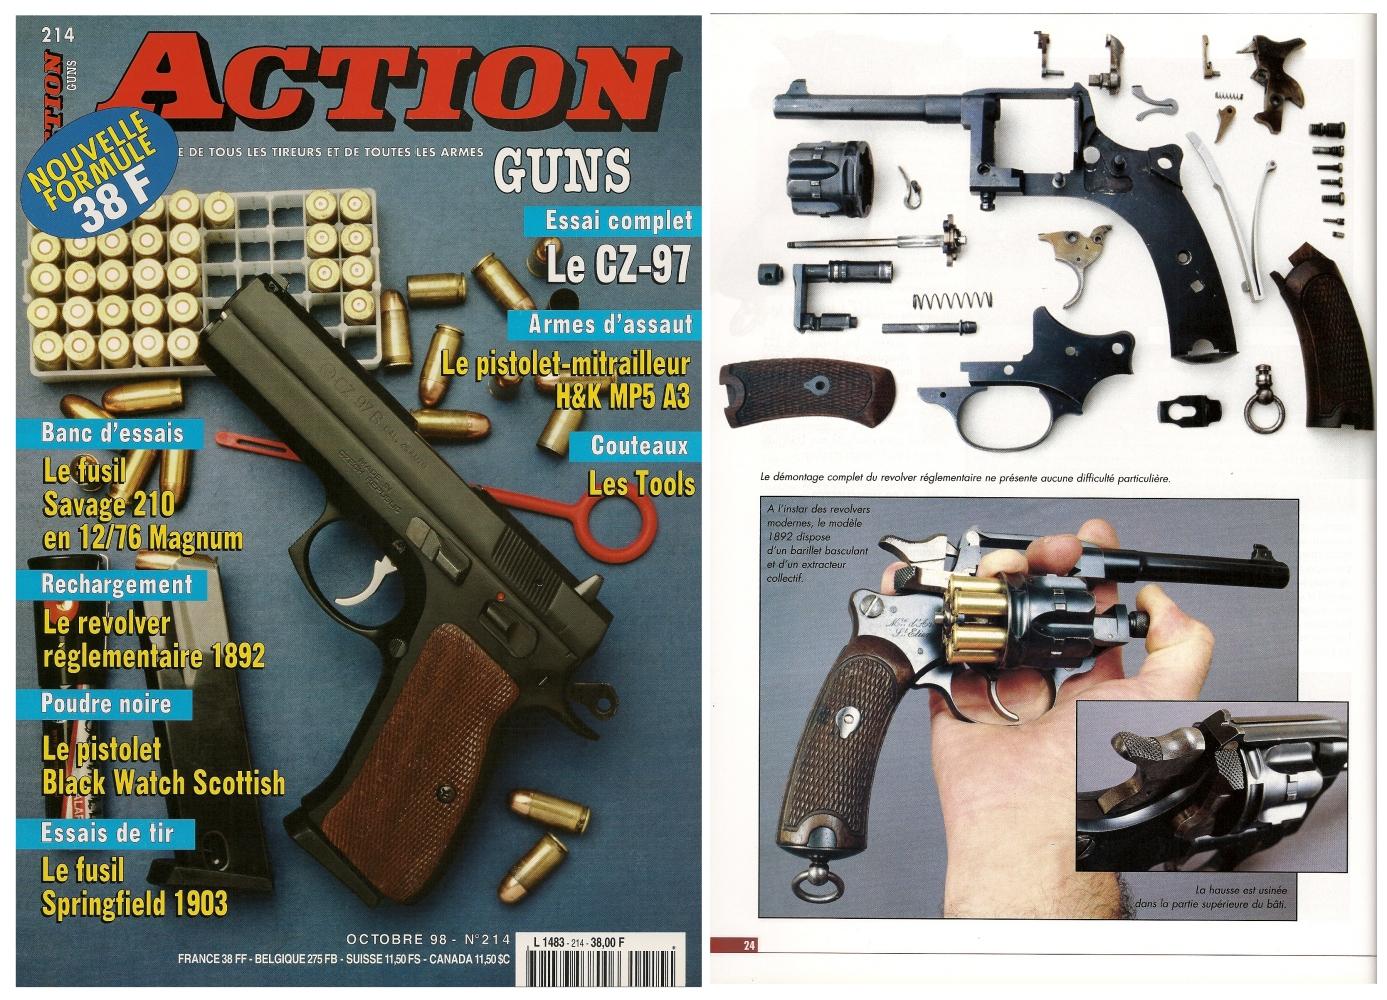 Le banc d'essai du revolver St Etienne modèle 1892 a été publié sur 5 pages dans le magazine Action Guns n°214 (octobre 1998)